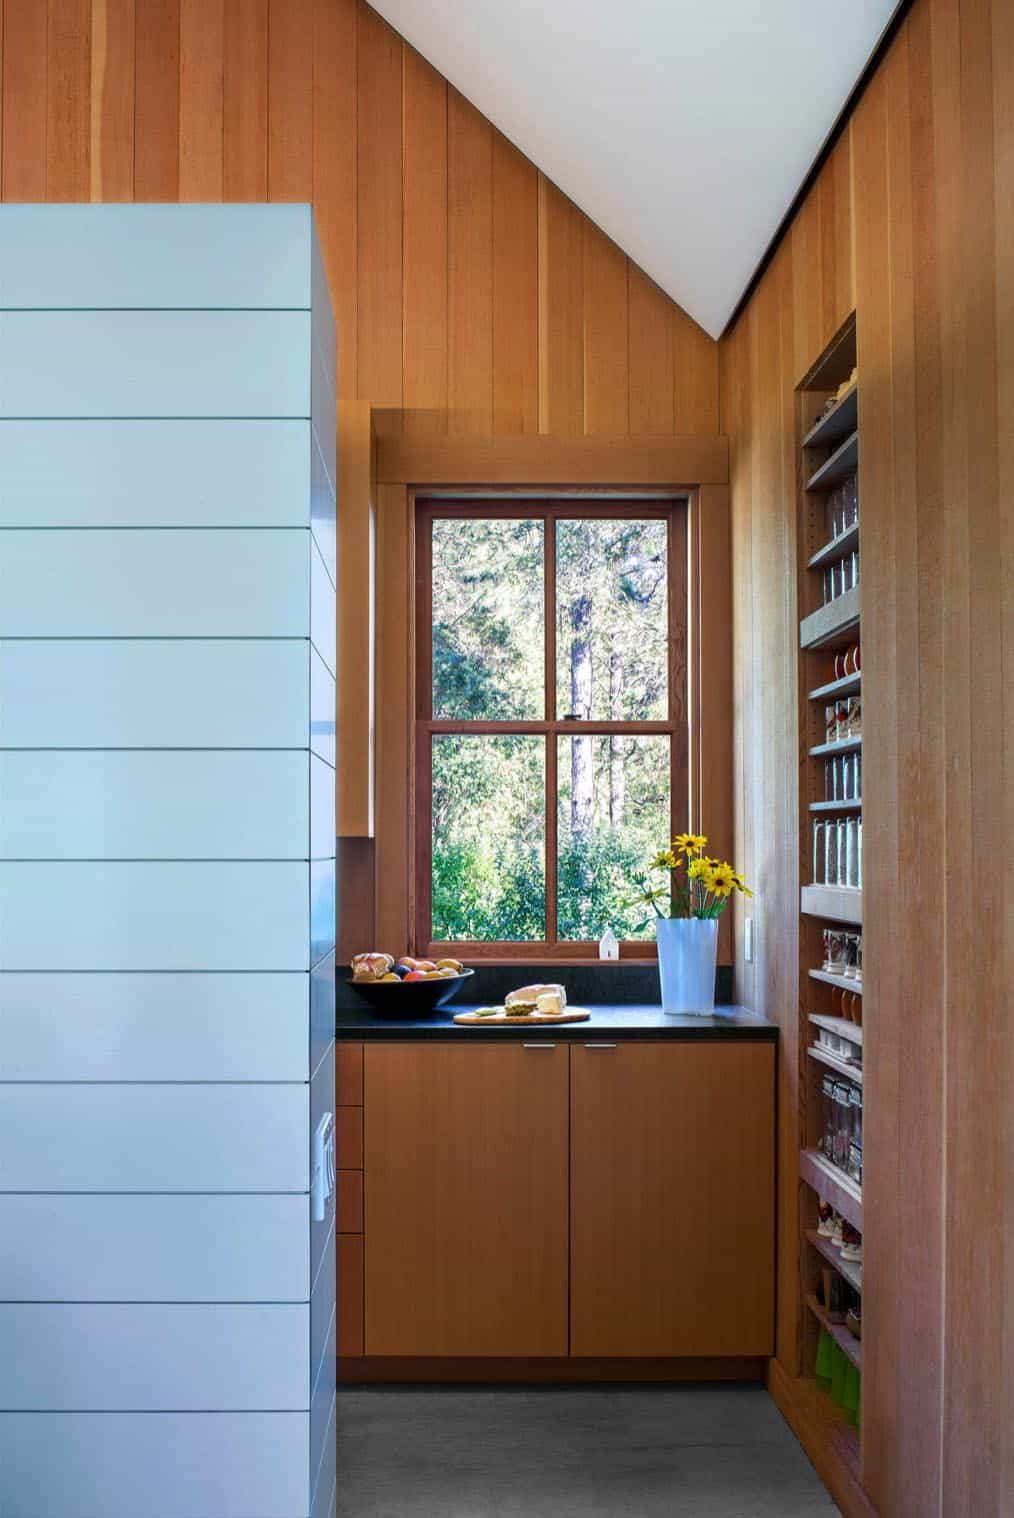 barn-style-cabin-kitchen